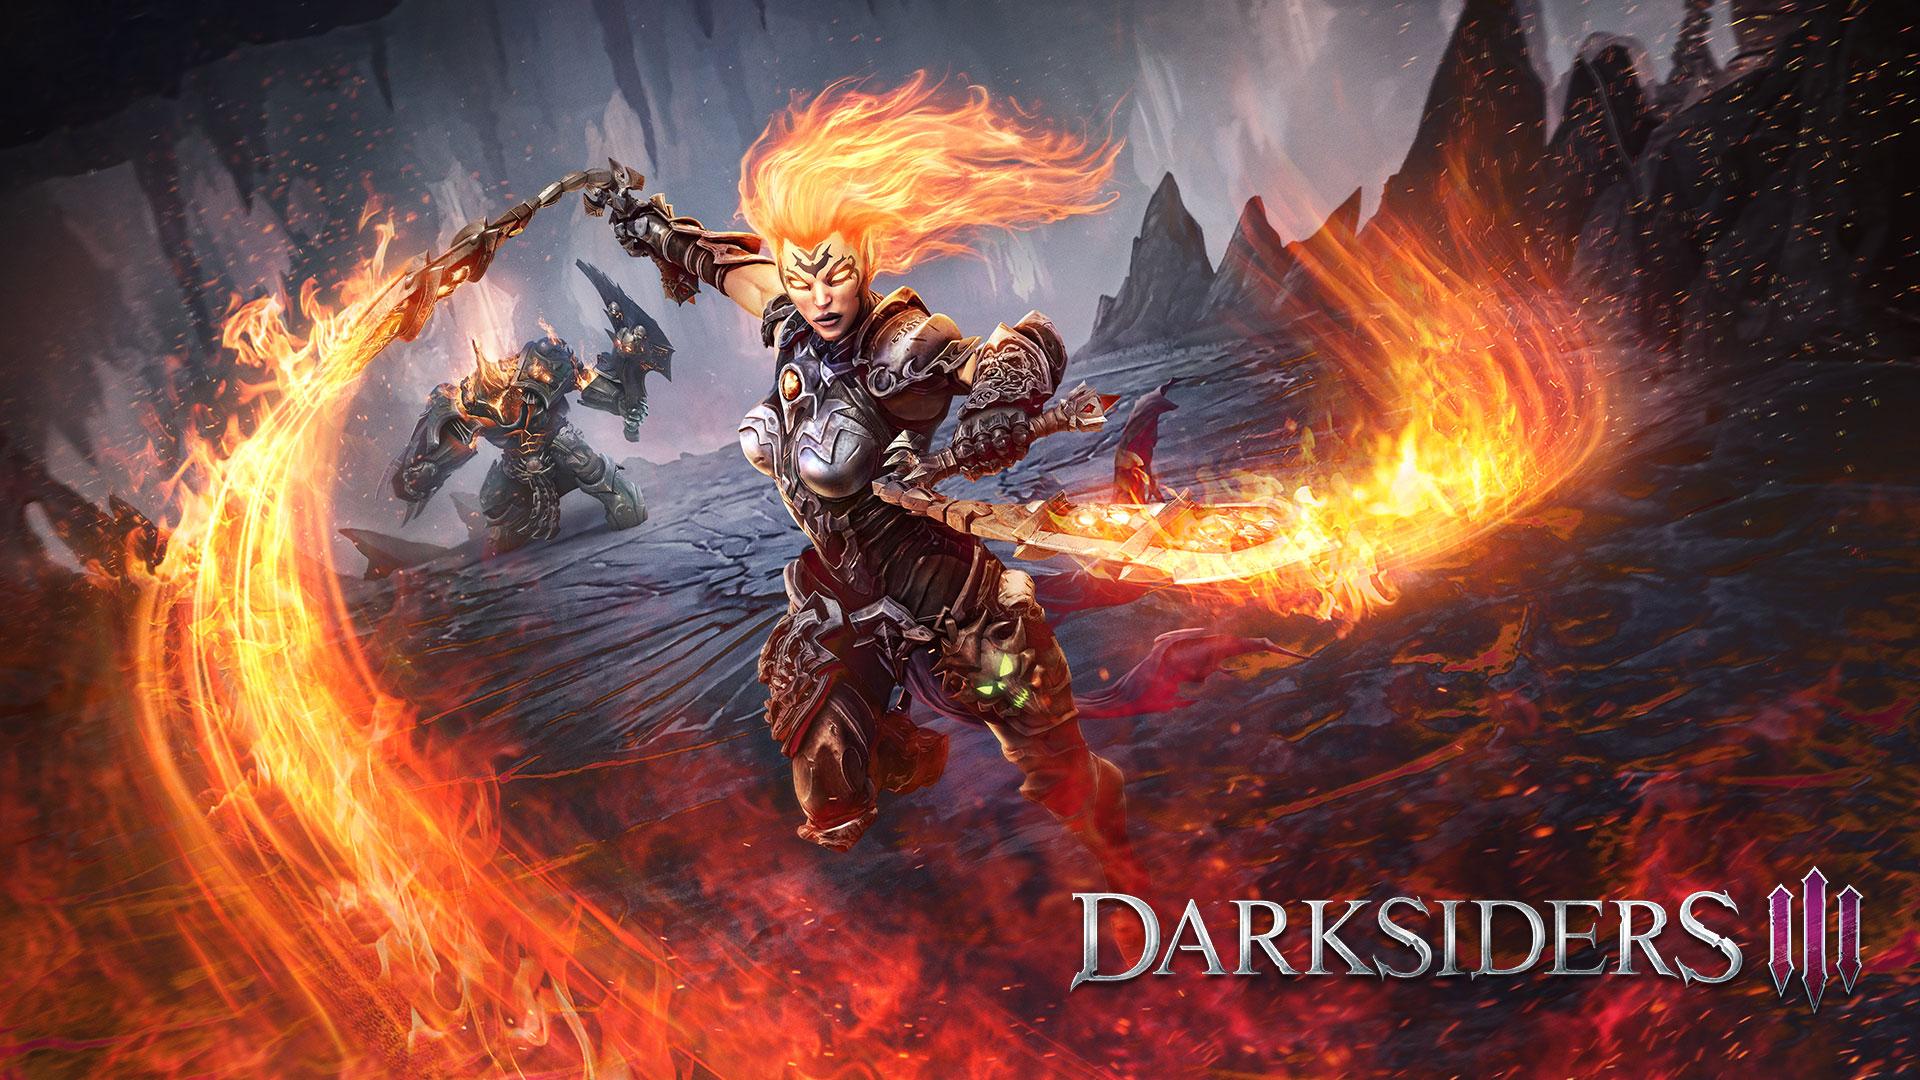 خشم نهفته | نقدها و نمرات بستهالحاقی Darksiders III: Keepers of the Void